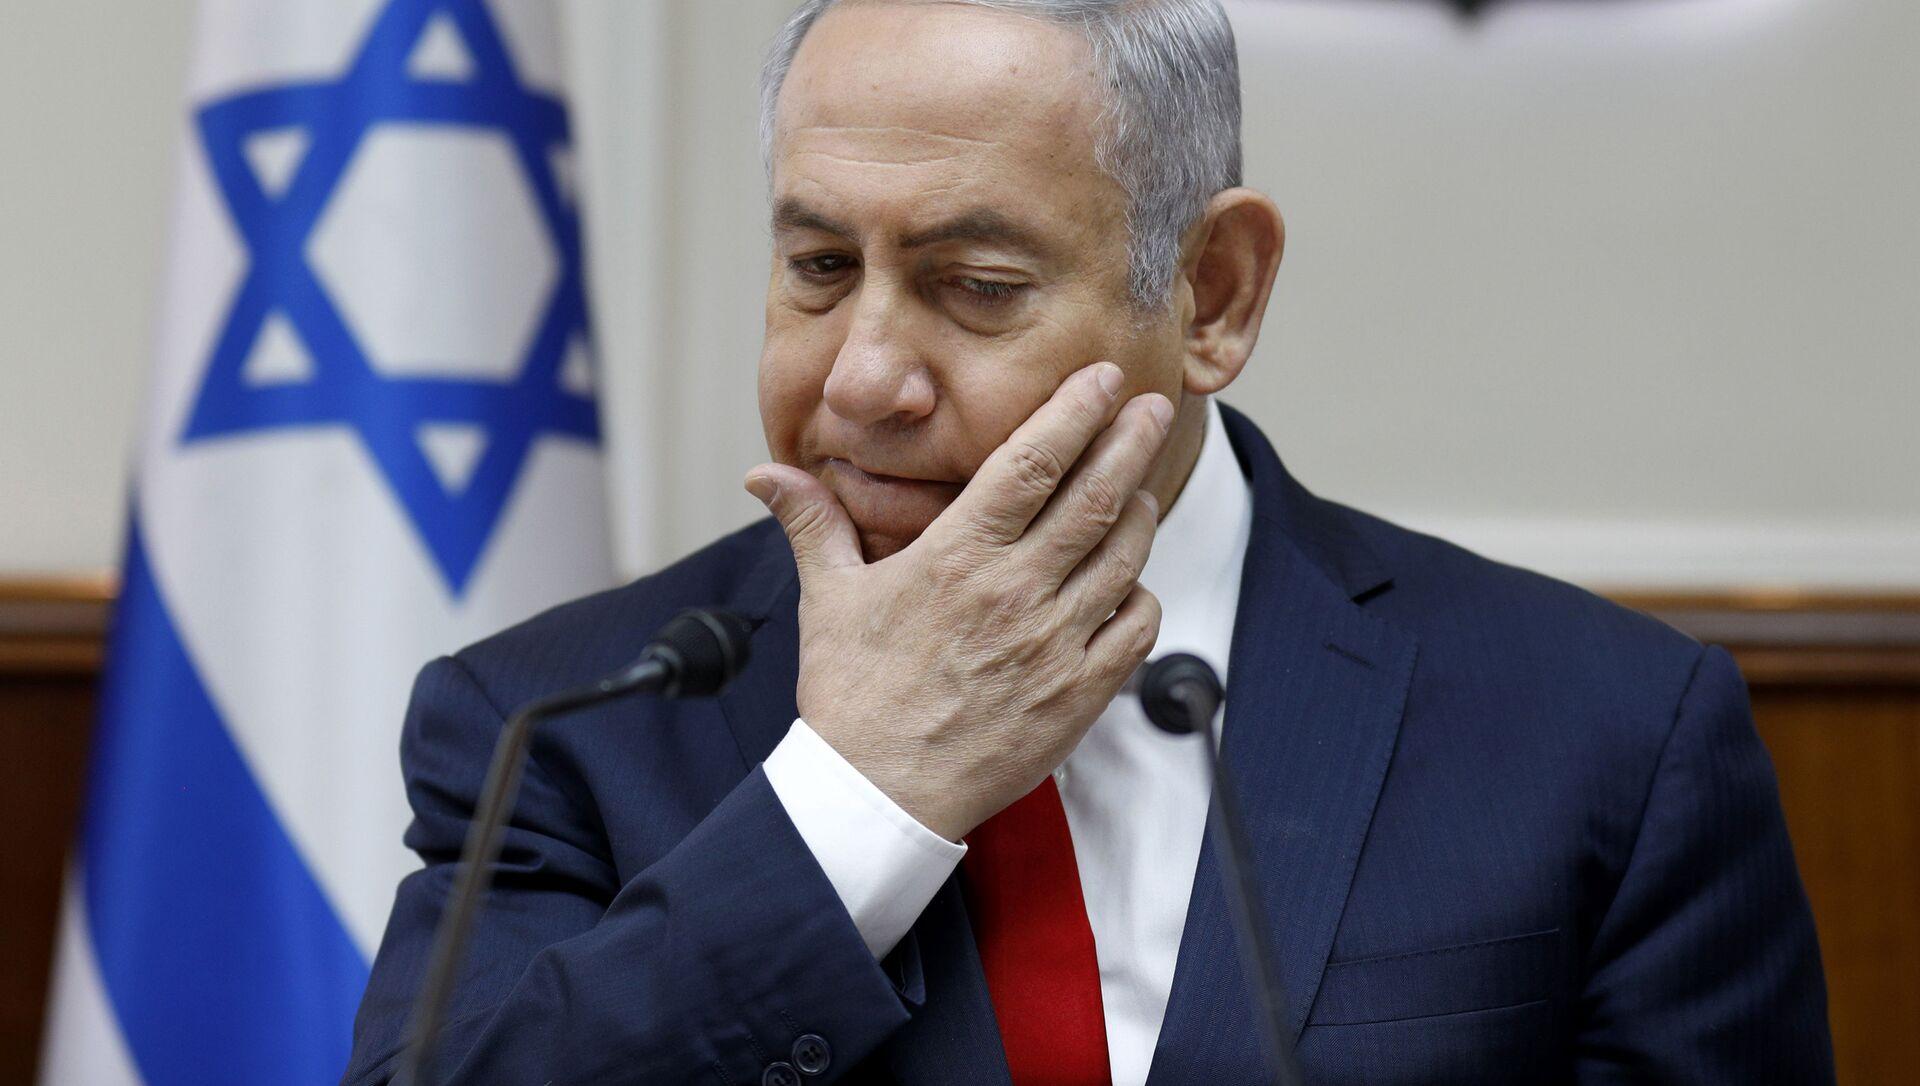 Premier Izraela Binjamin Netanjahu - Sputnik Polska, 1920, 06.02.2021